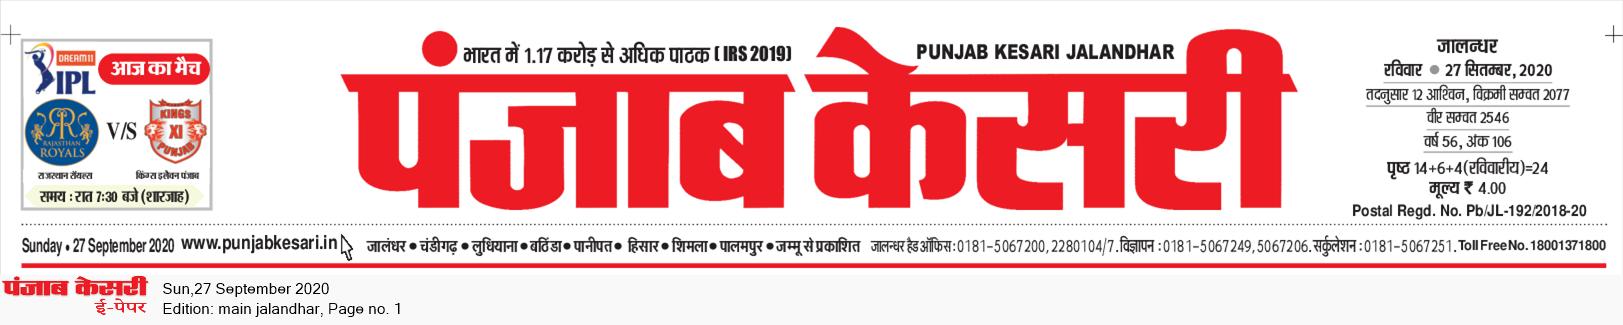 Main Jalandhar 9/27/2020 12:00:00 AM